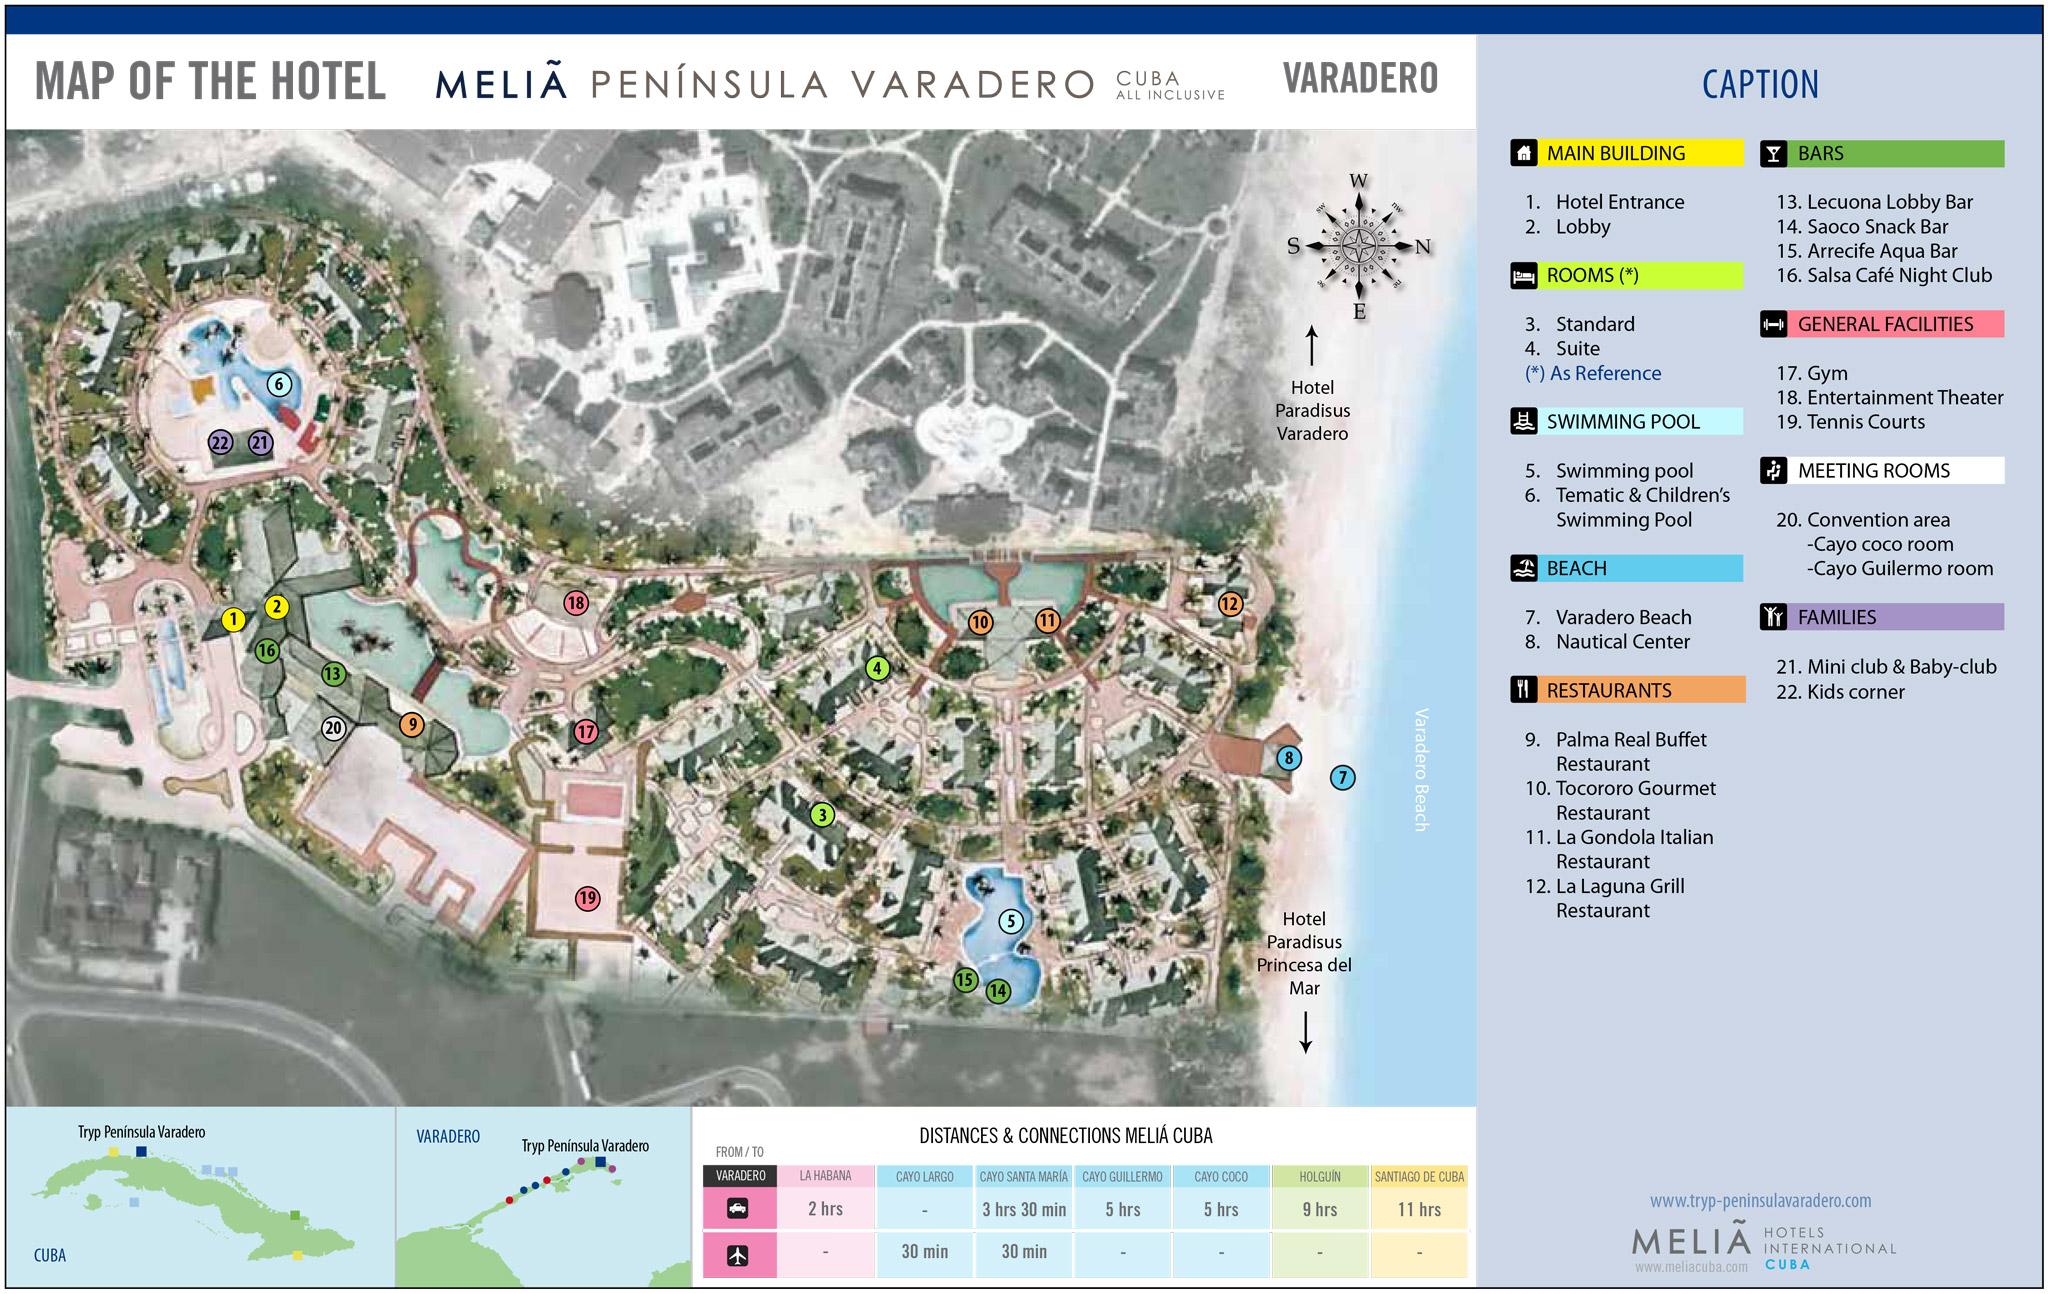 Melia Peninsula Varadero Transat Destino Beach Cuba